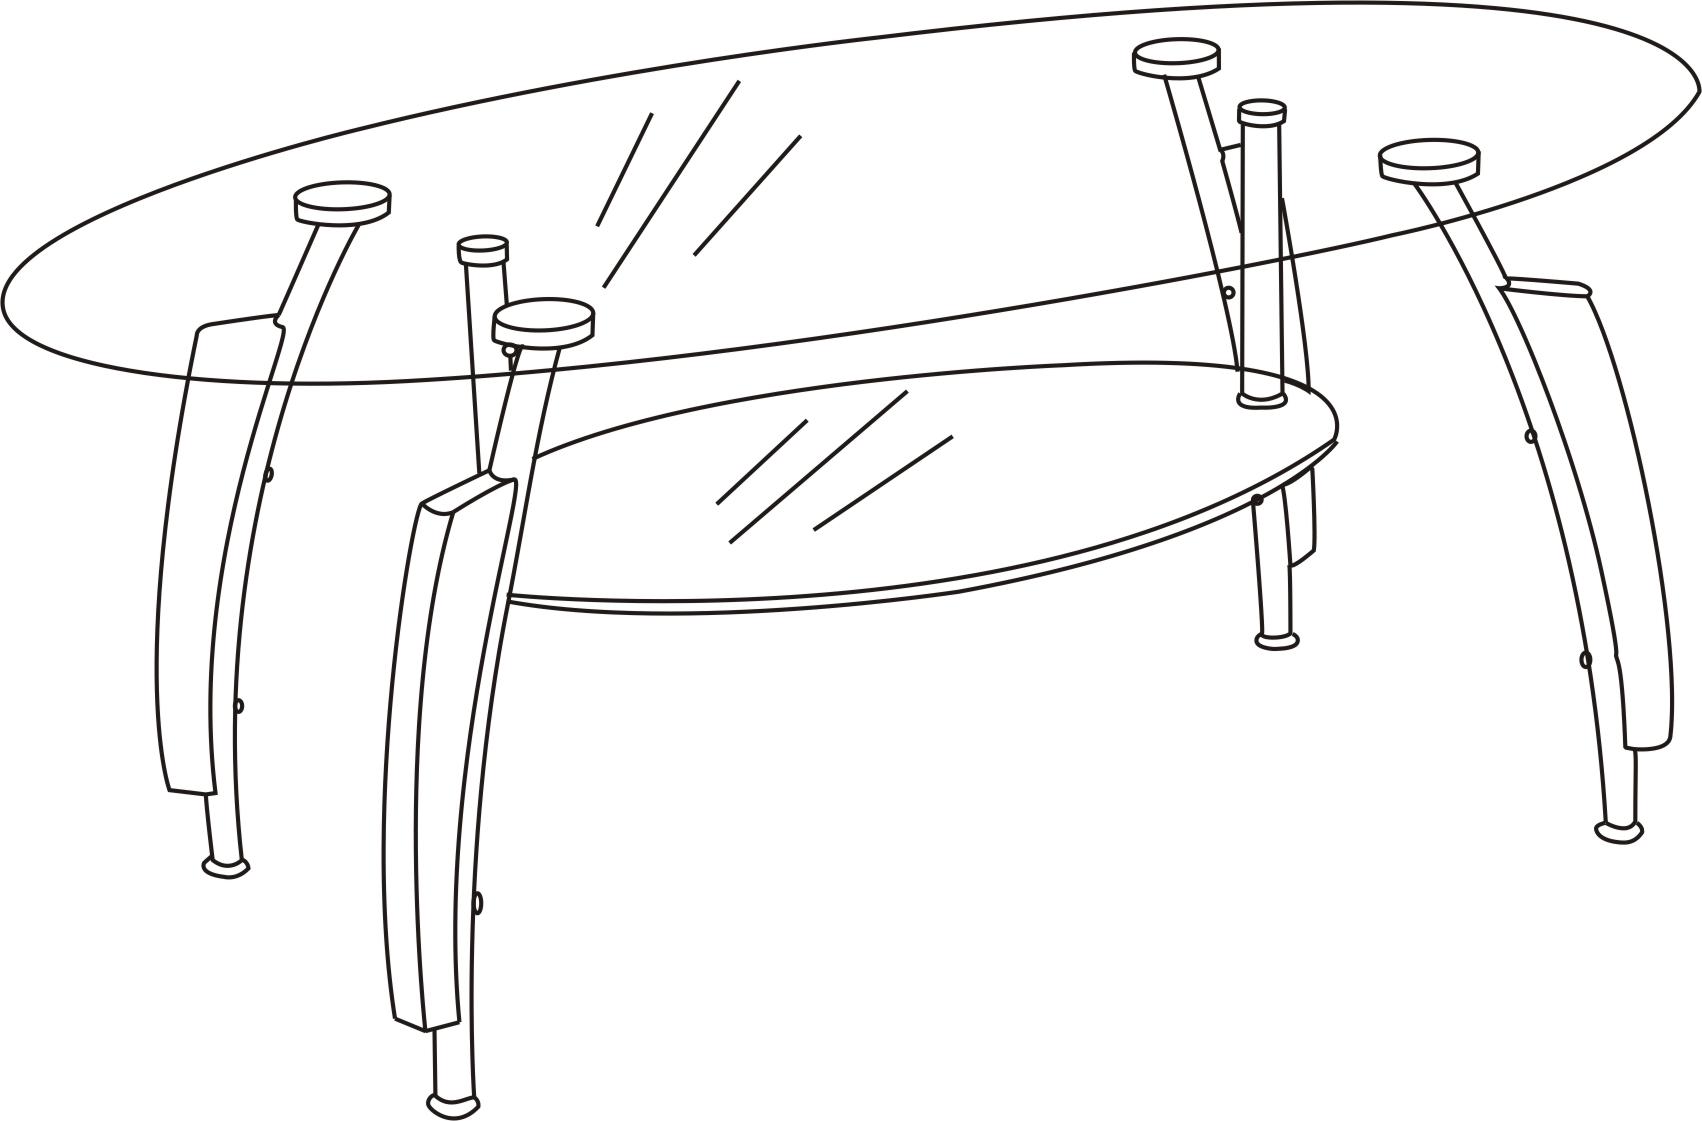 平面设计作品展示区-crd画的茶几[51自学网园地]